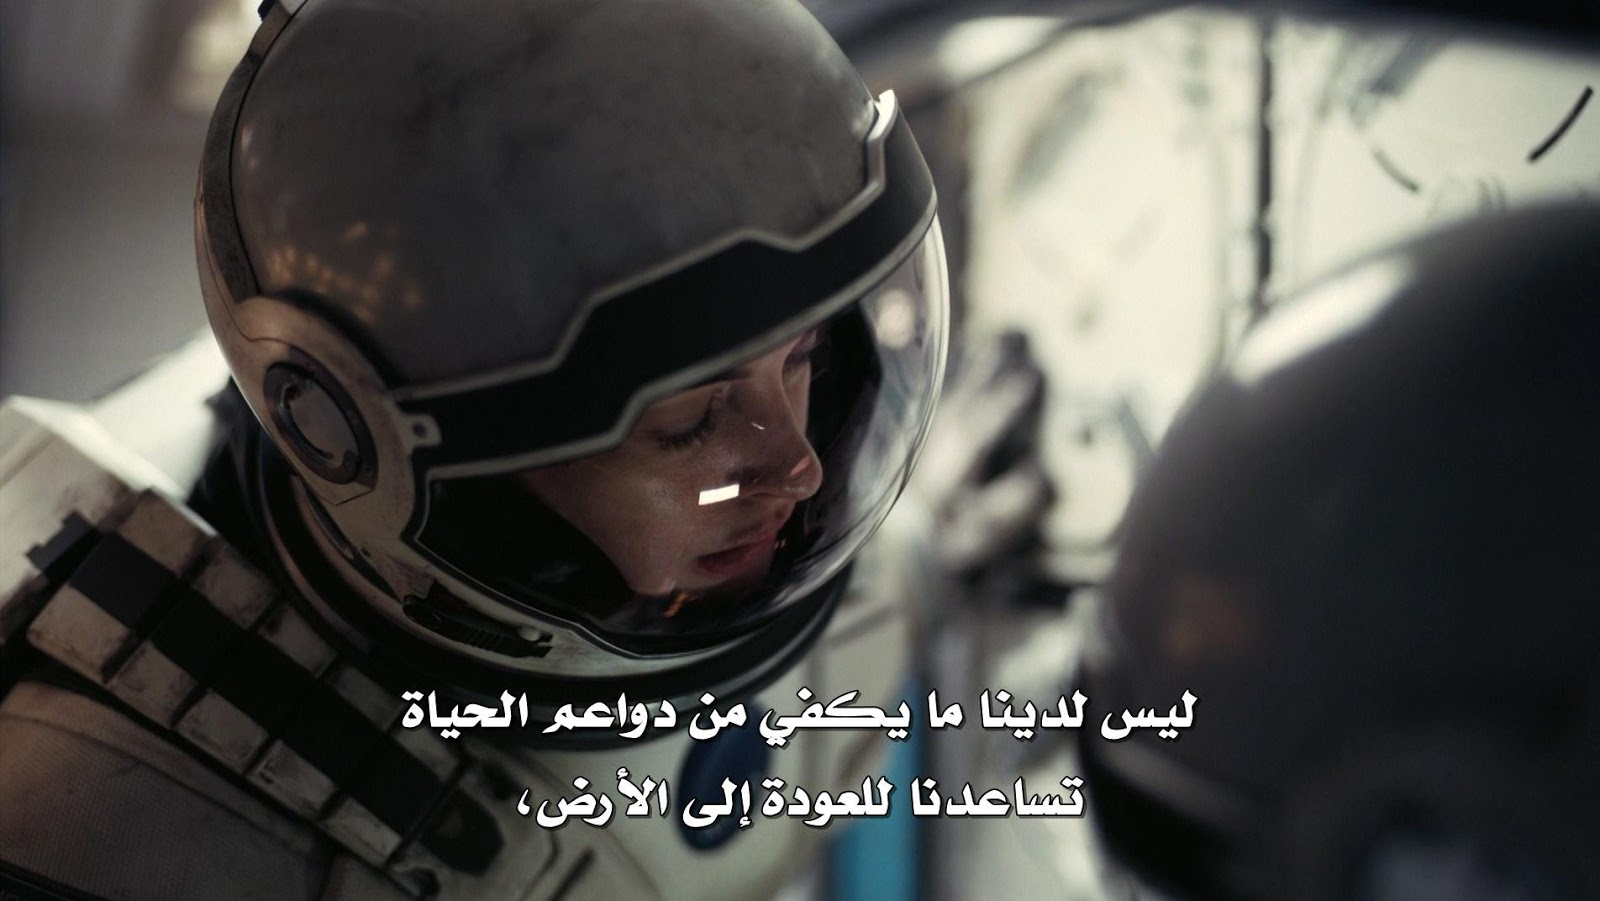 فيلم interstellar كامل ومترجم